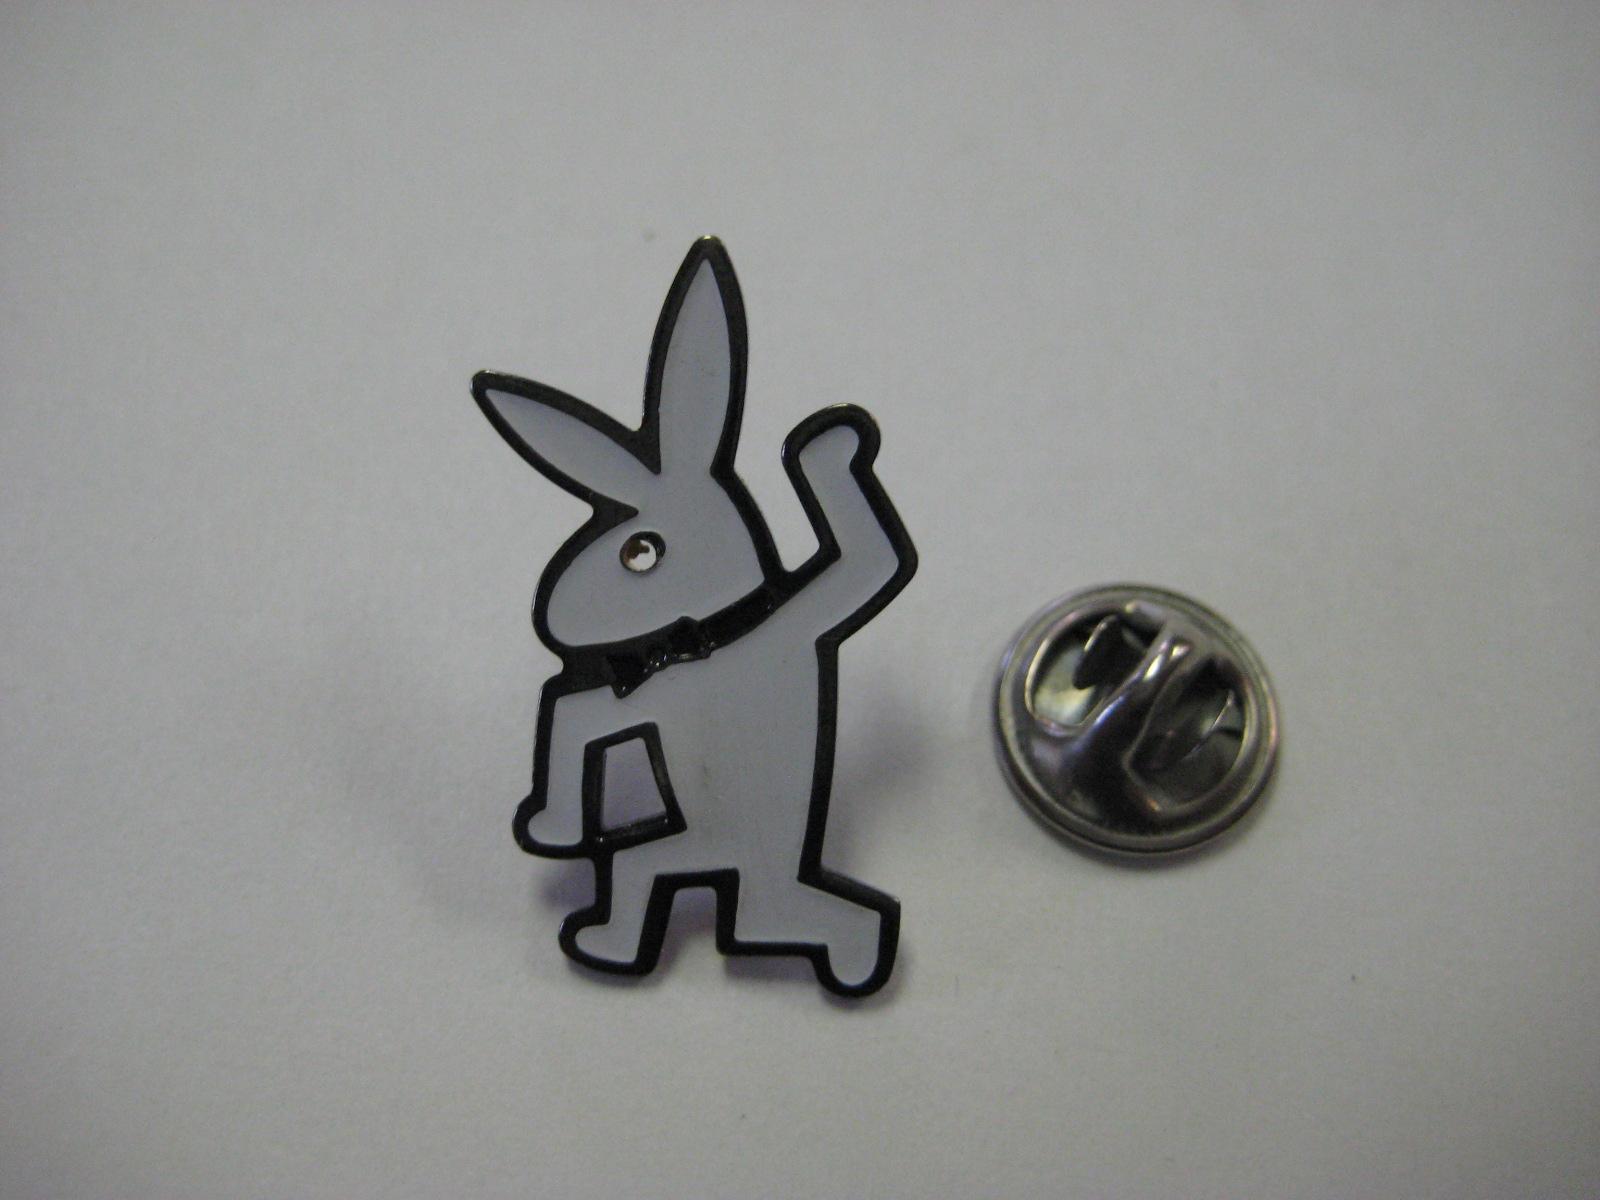 Keith Haring Playboy Bunny Pin